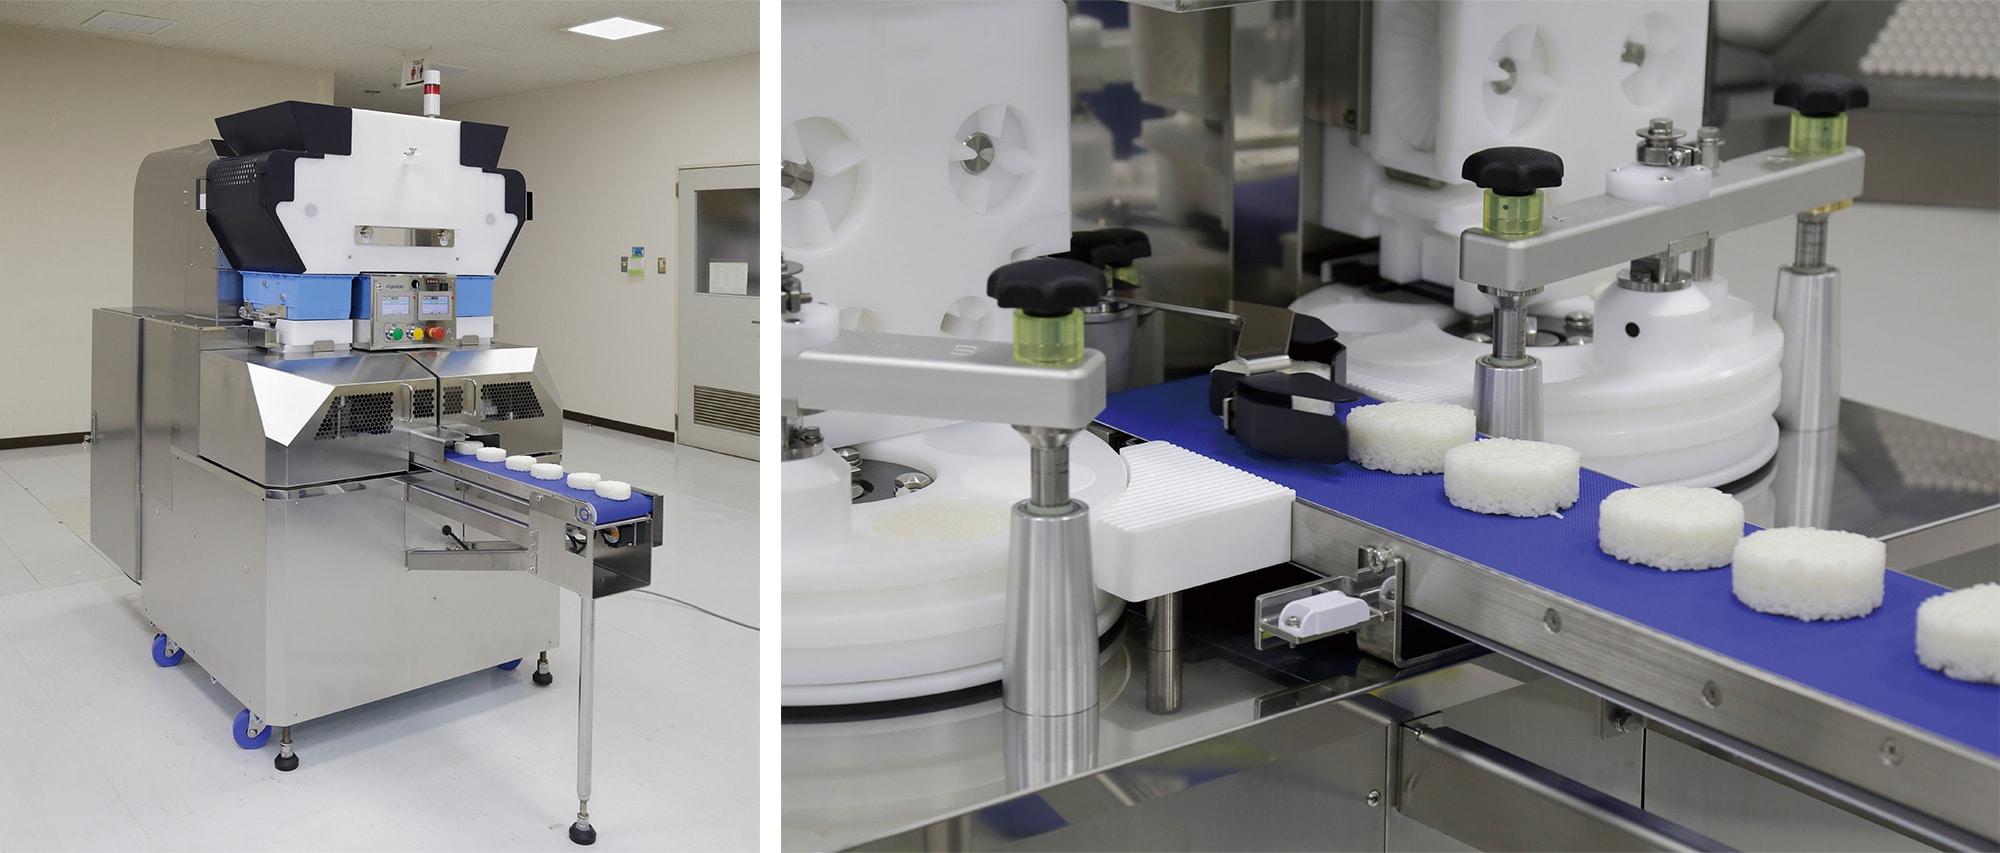 おにぎりを製造する不二精機の小型成形機。1 時間に最大 7000 個製造する能力を持ち、コンビニエンスチェーンの食品工場などで 利用されている。